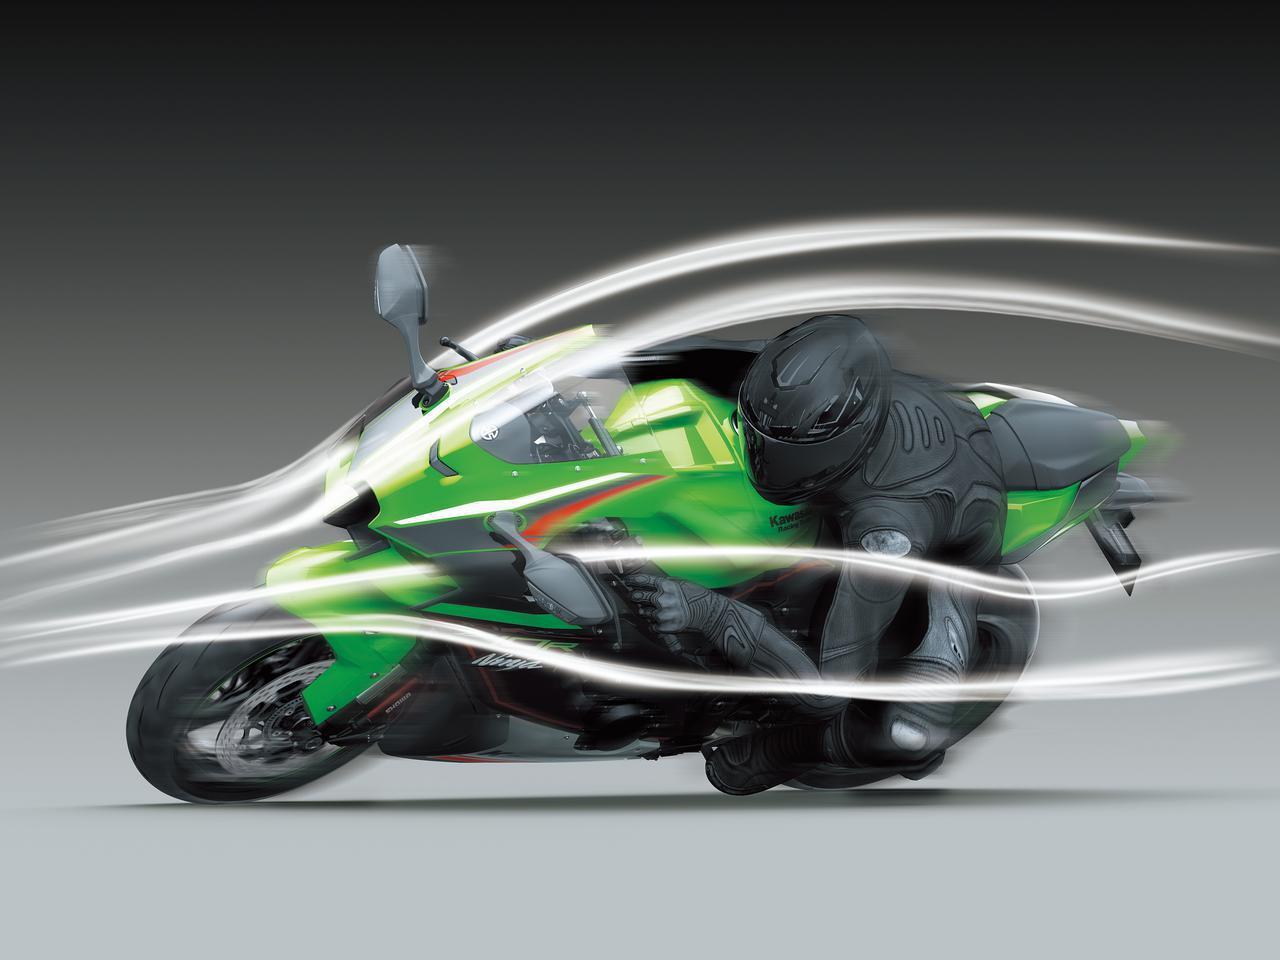 画像: ダウンフォースを約17%向上させた一体型ウイングレットなど、優れた空力特性を備える先進的なデザインを取り入れたコンパクトなフルカウルボディが最大の特徴。